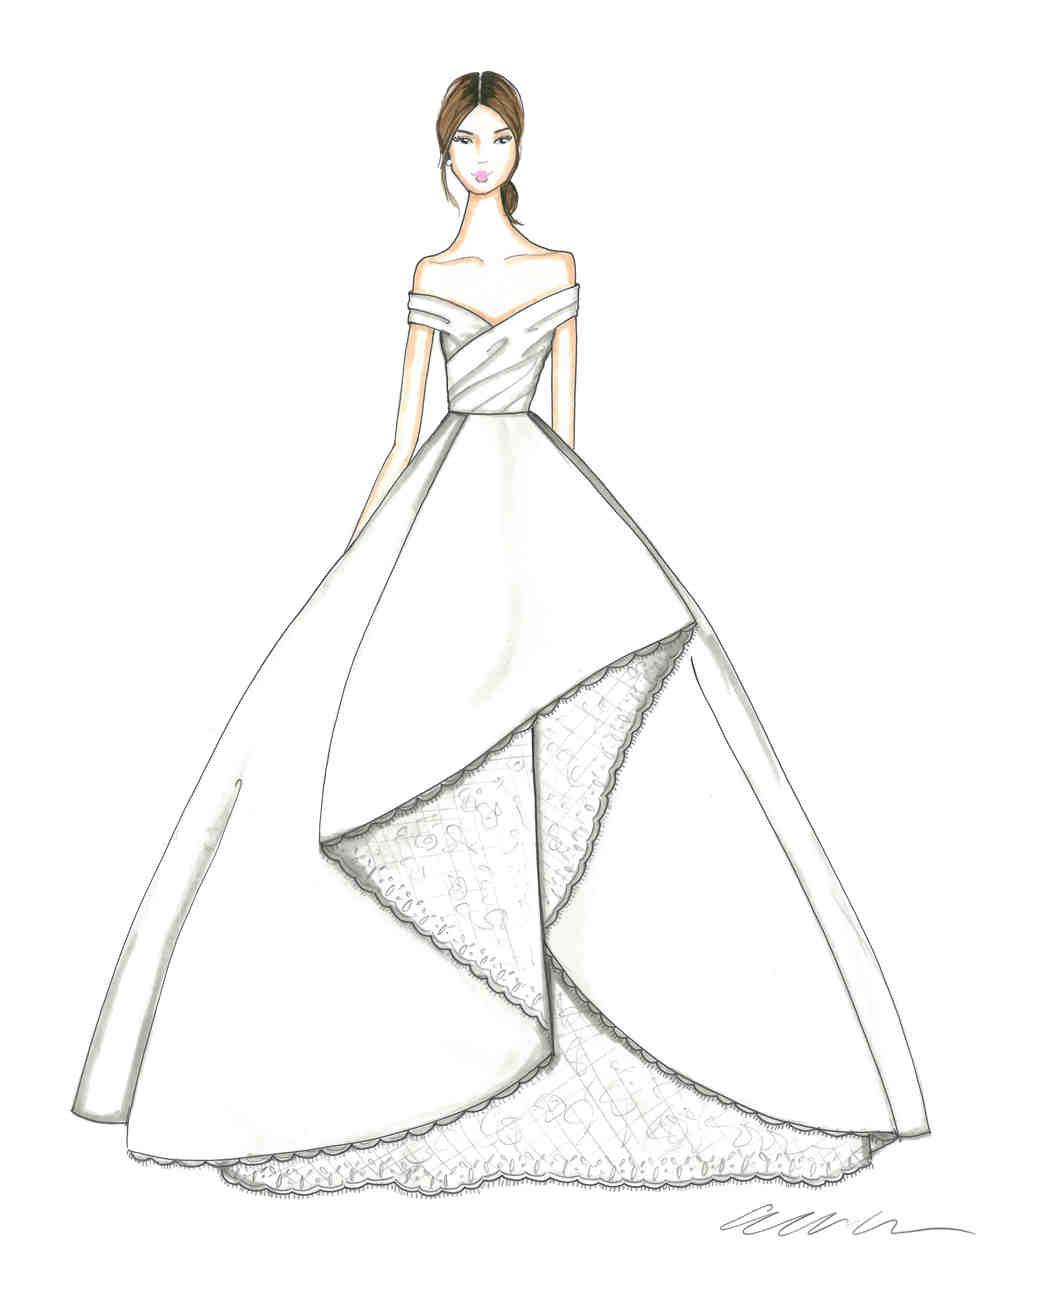 Dresses sketch image